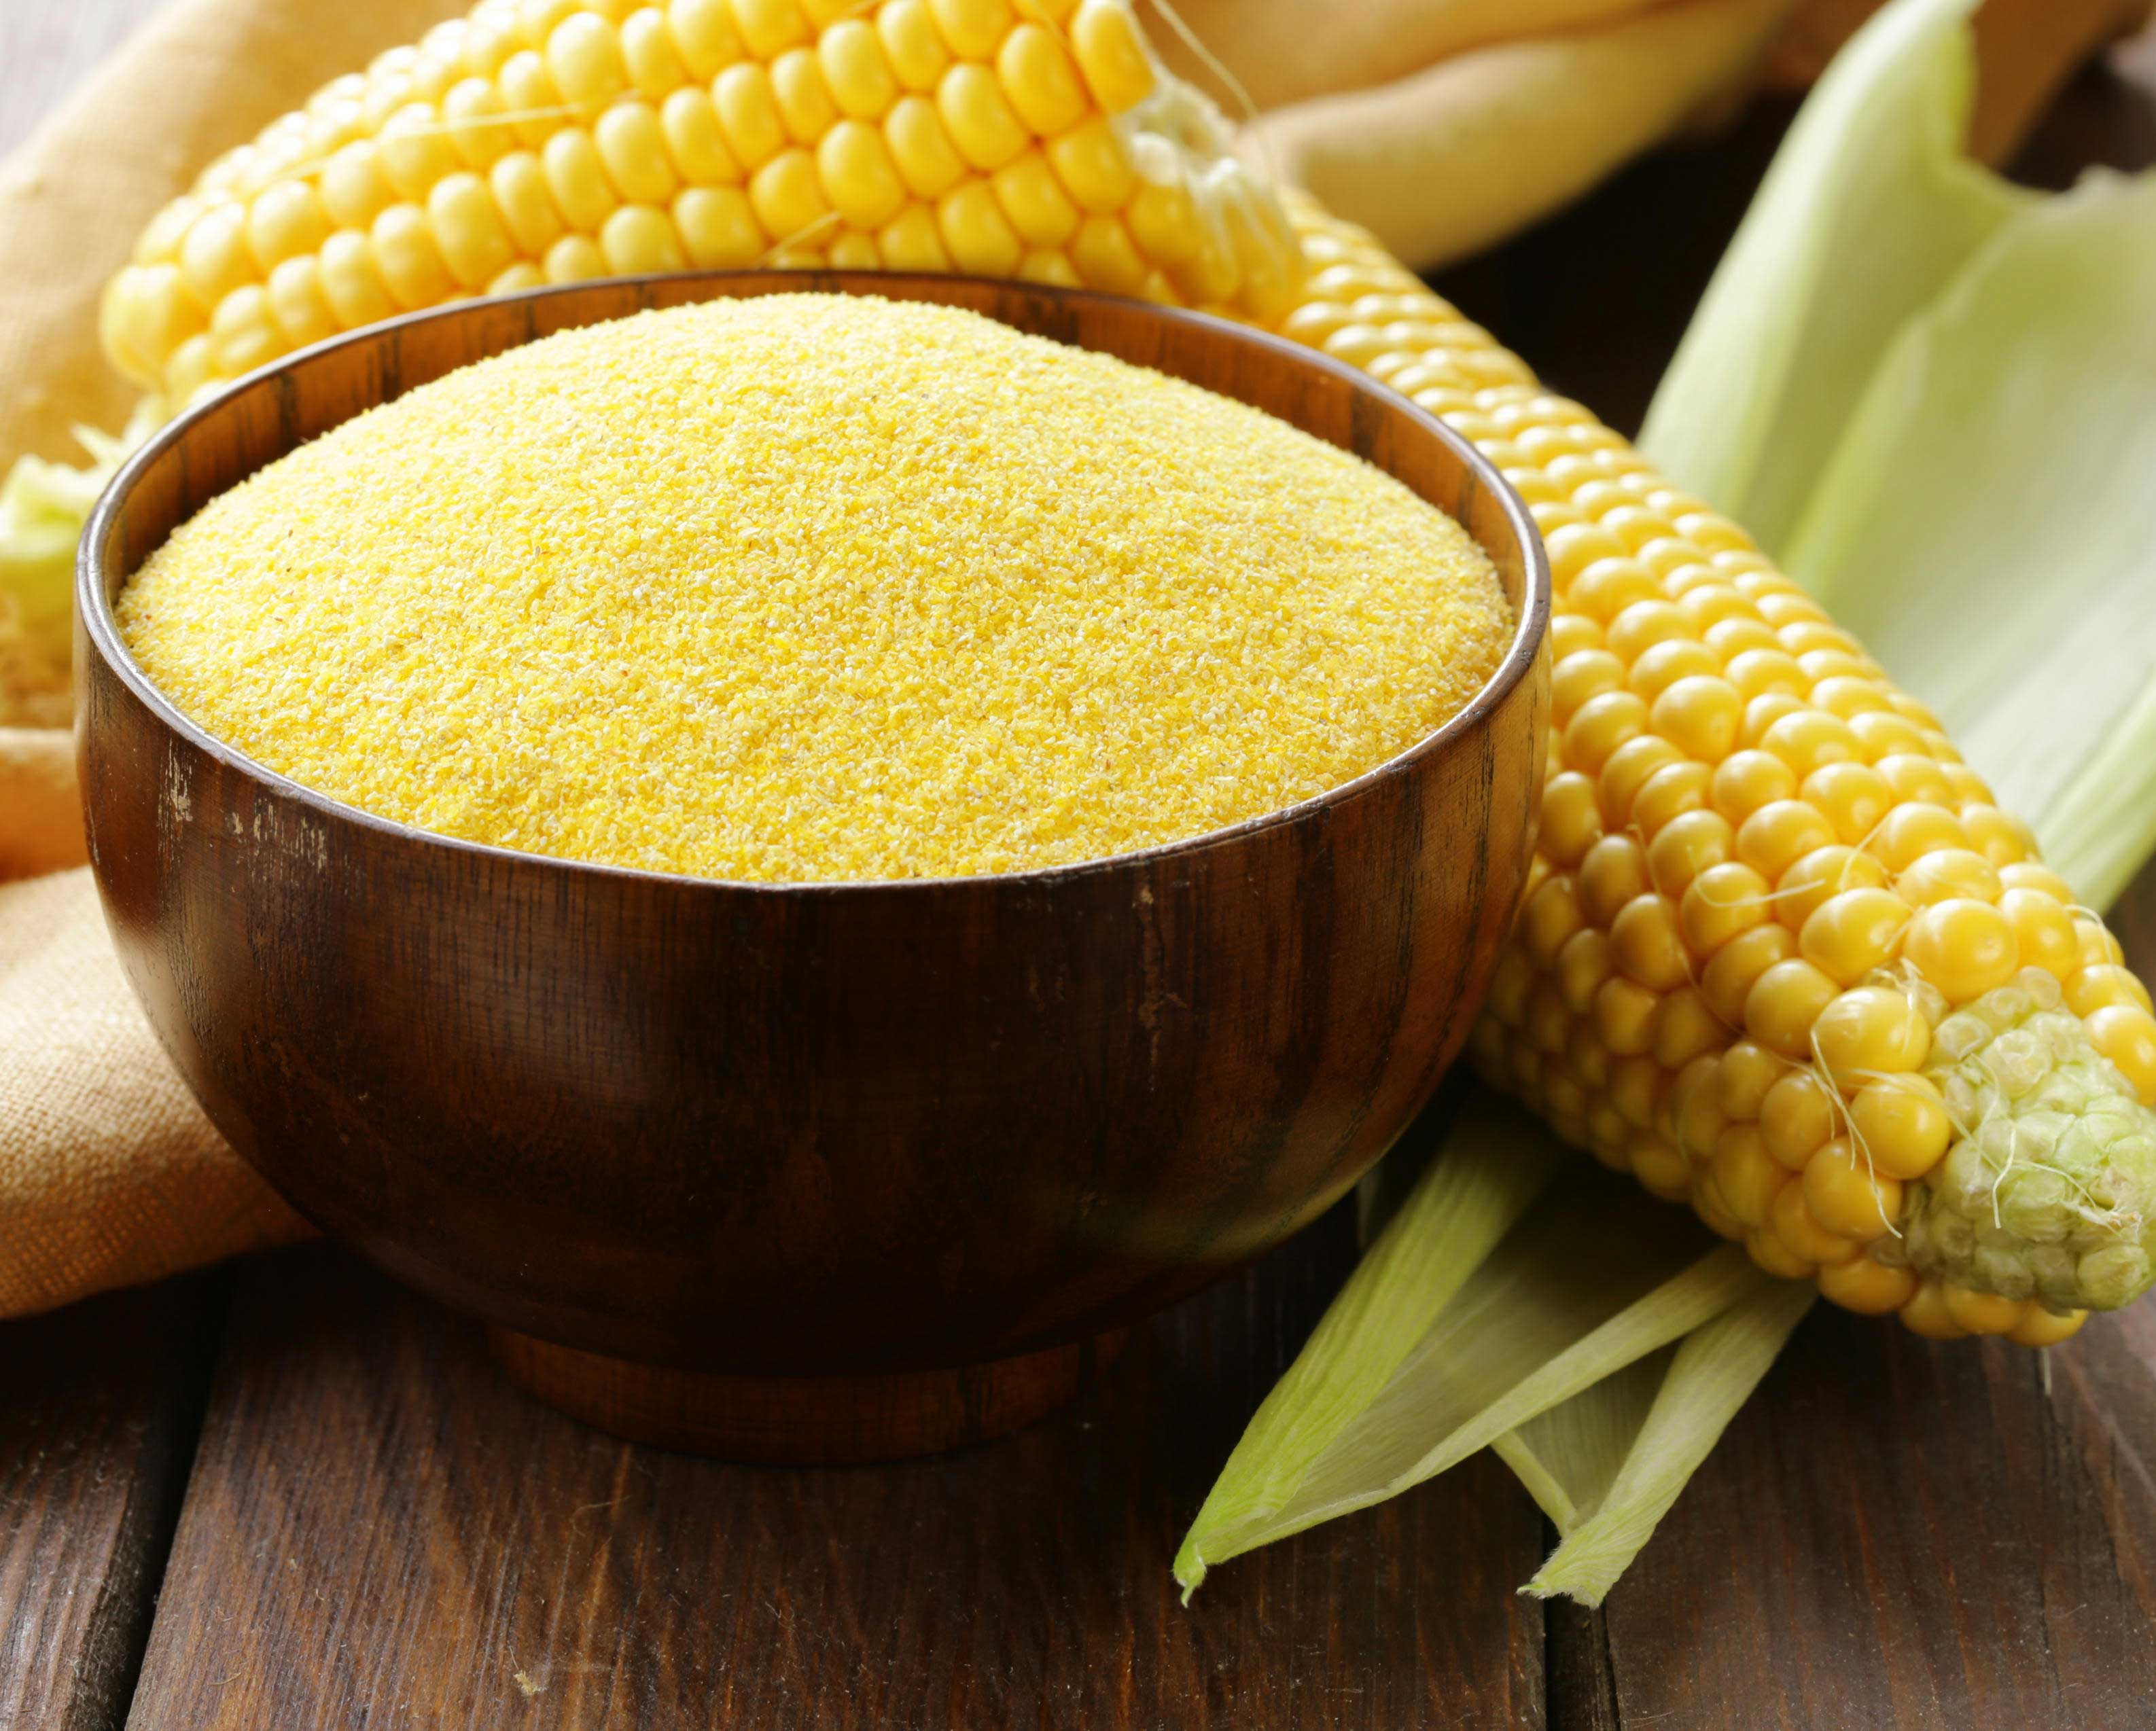 come sostituire farina di mais